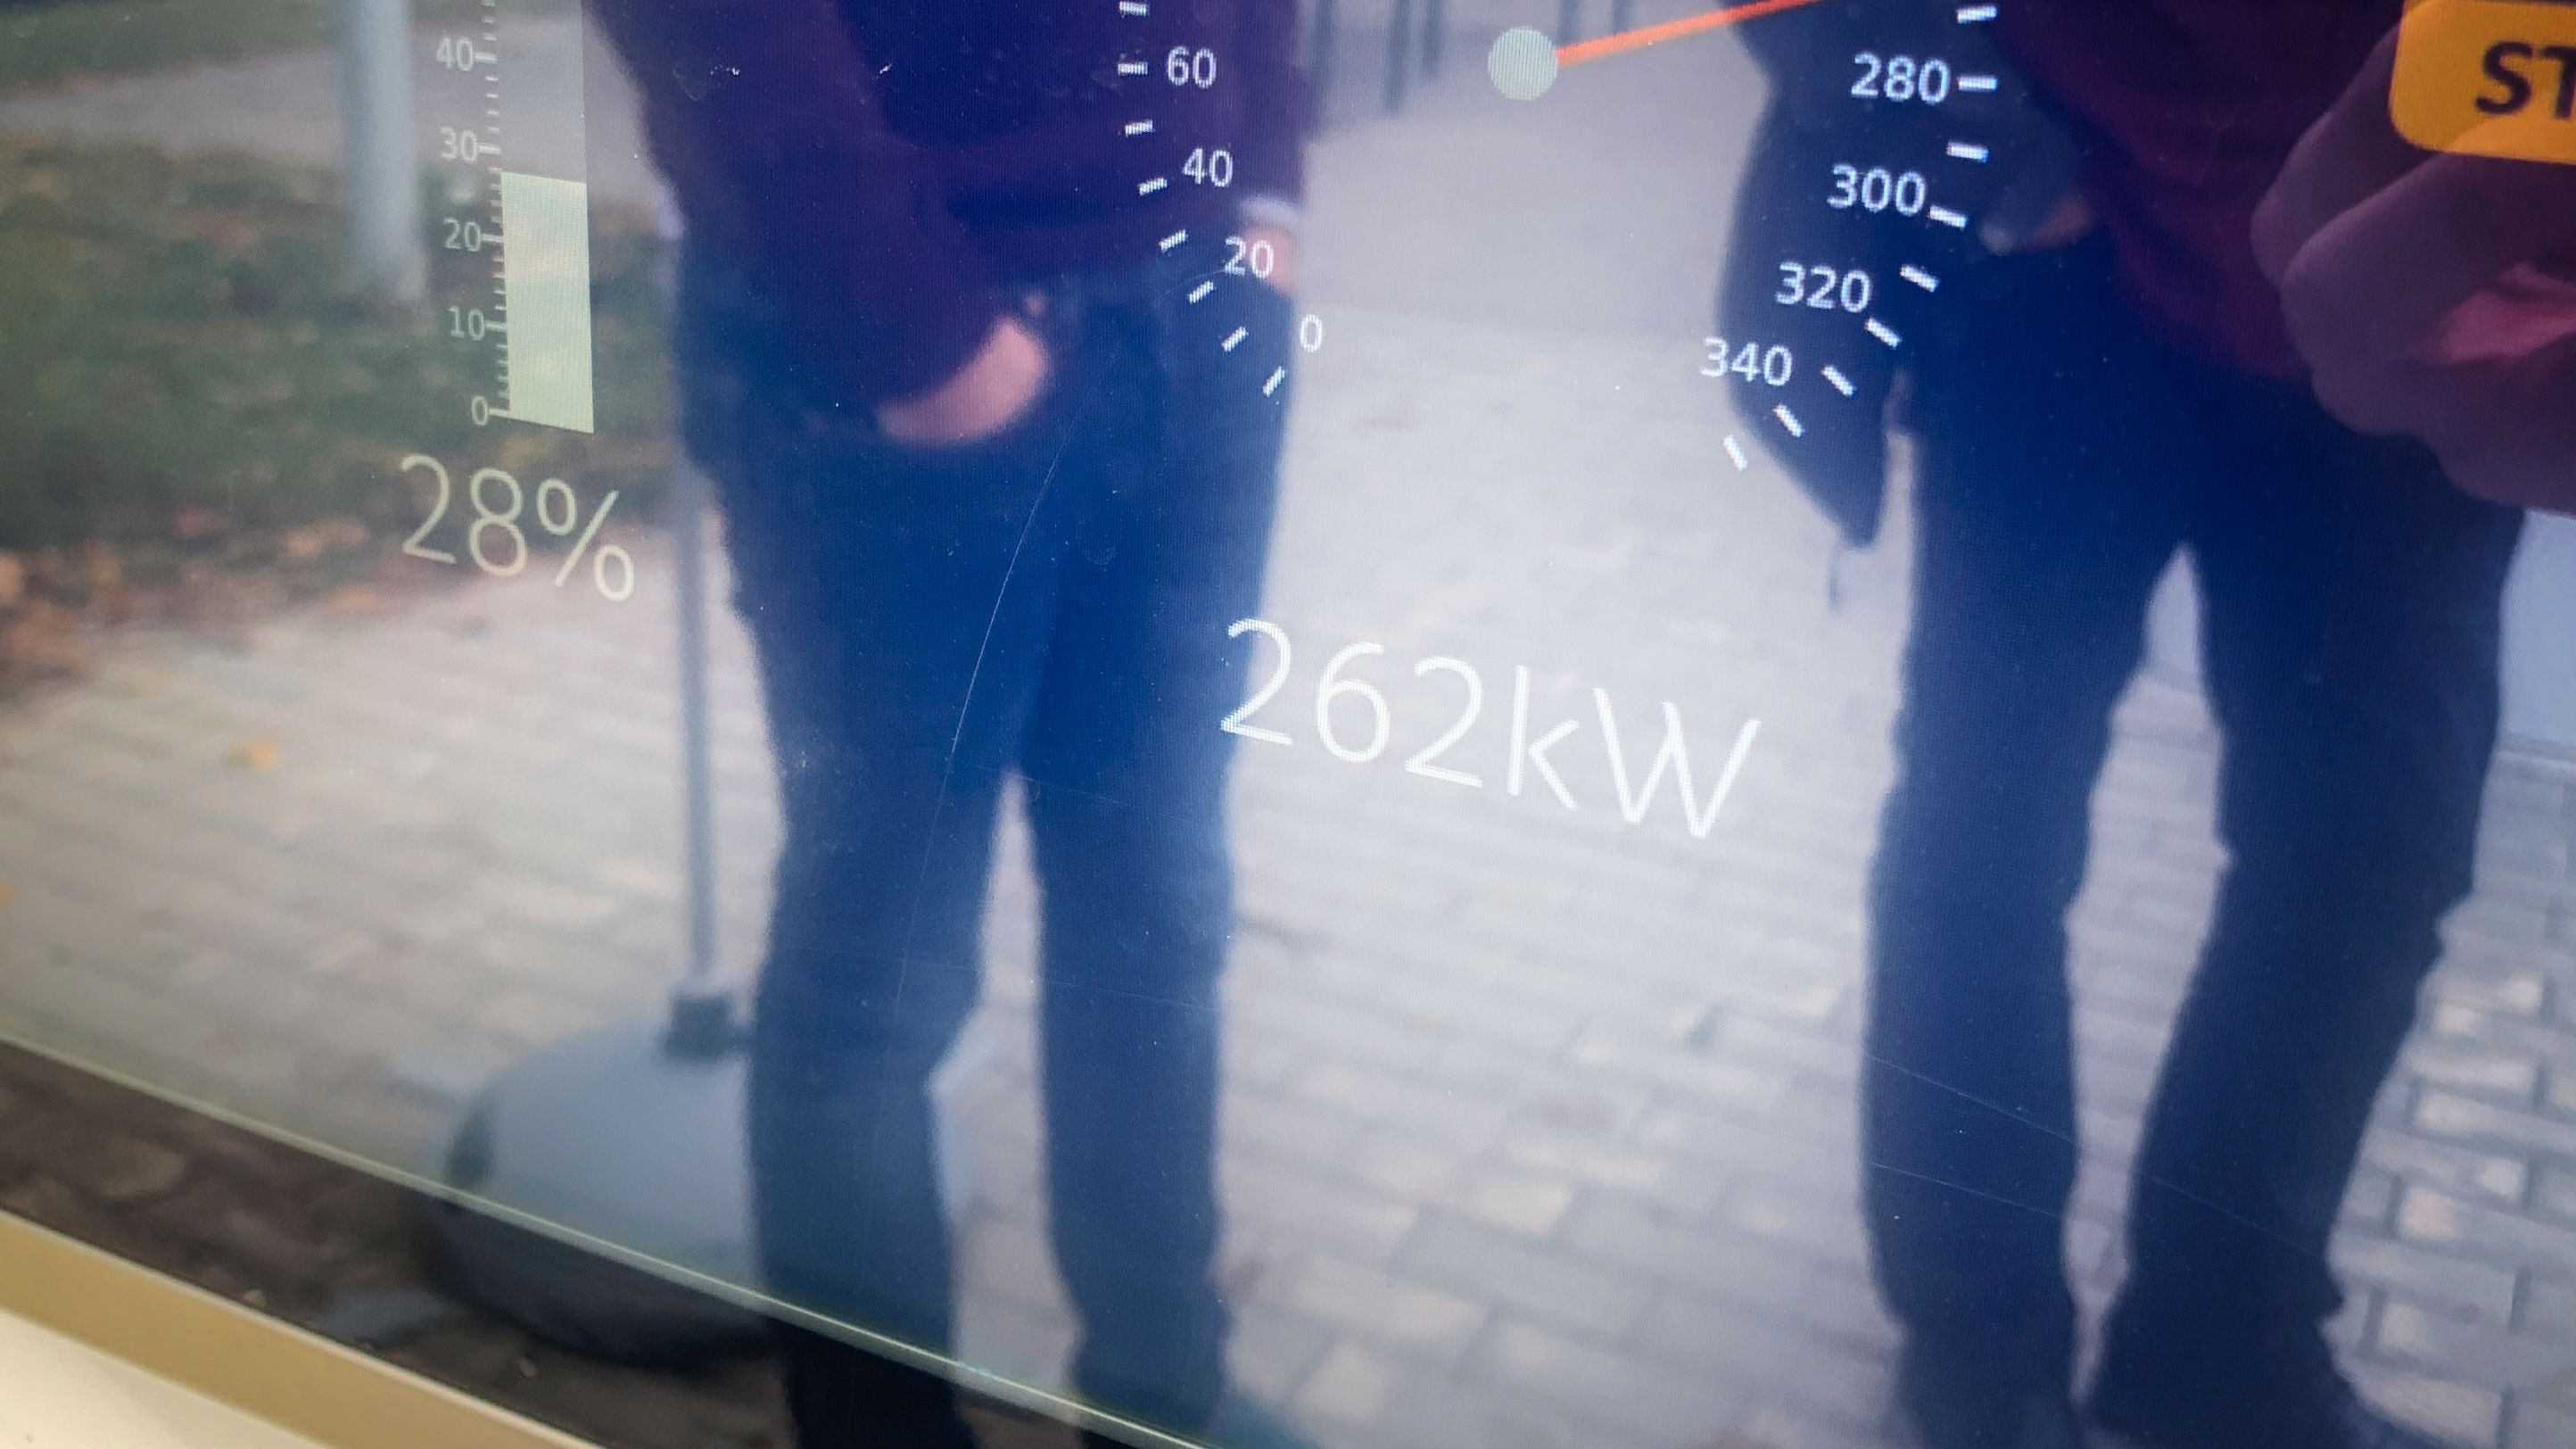 262 kilowatt var det meste vi oppnådde, men kun i et par minutter. Taycan lader uansett veldig kjapt.